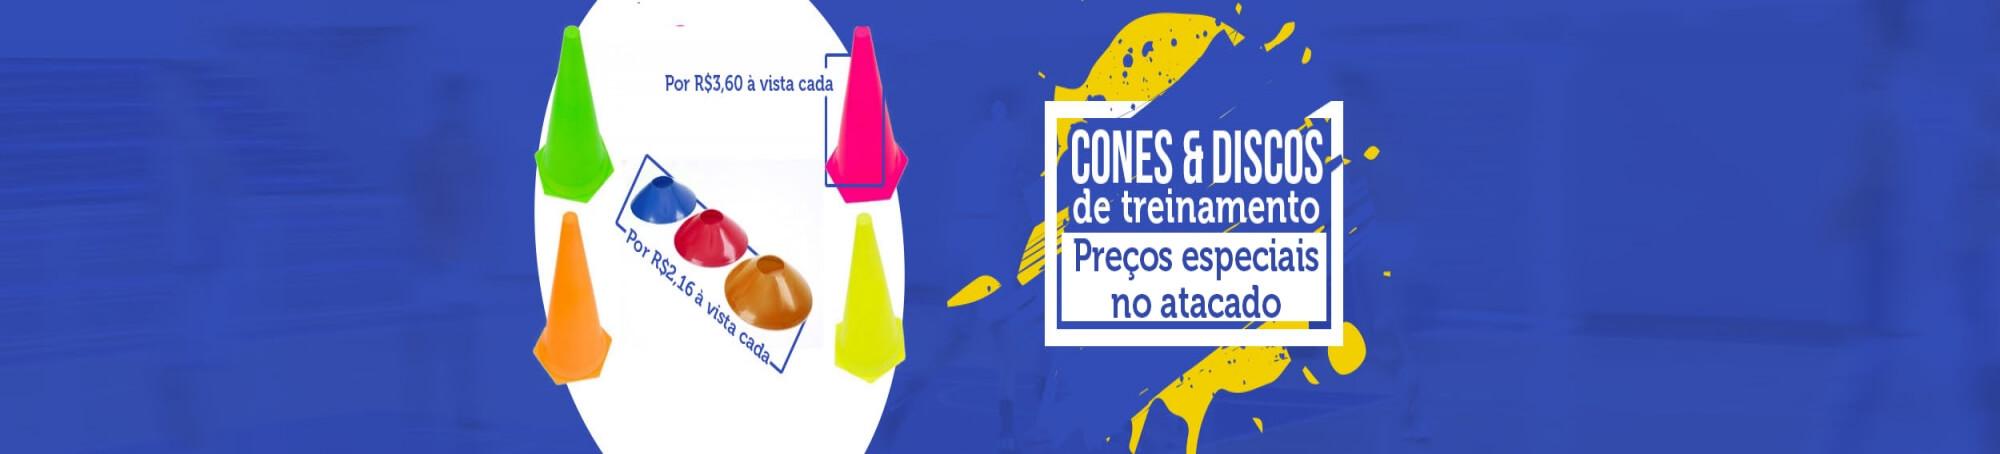 slide 8 - Cones e Discos de Treinamento